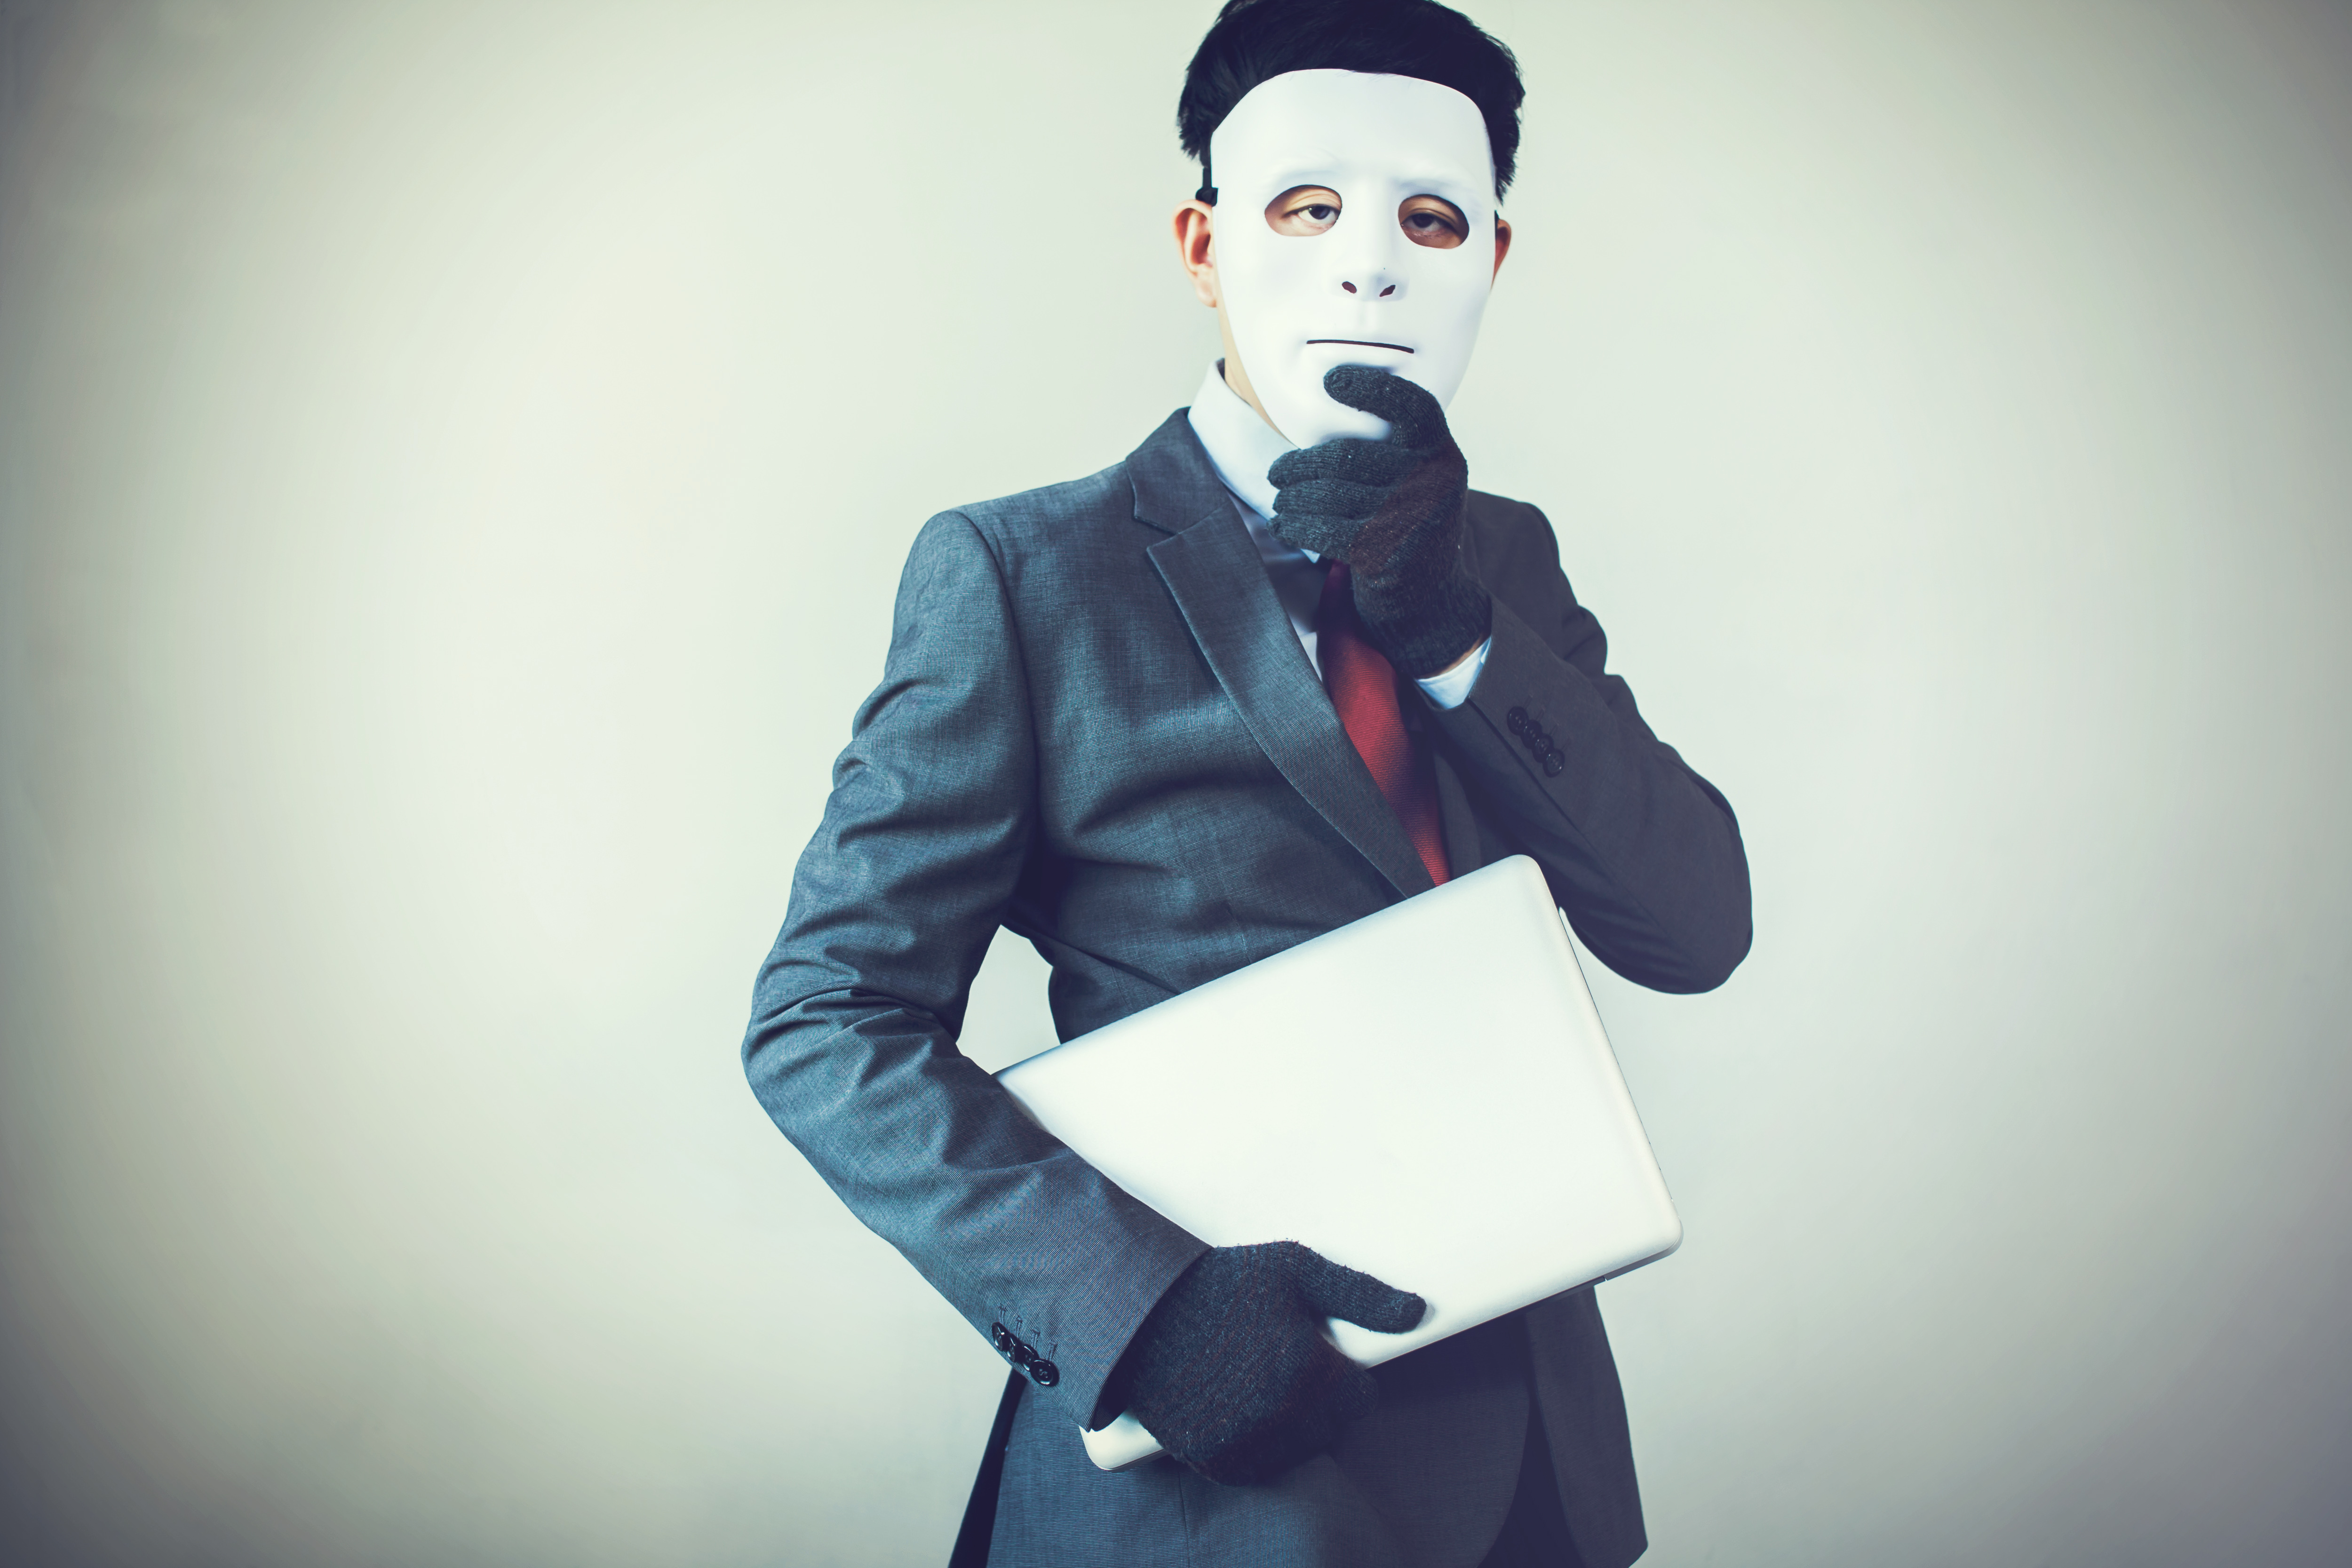 servisco, conseil immobilier,imitateur,amateur,faux,agent immobilier, masque